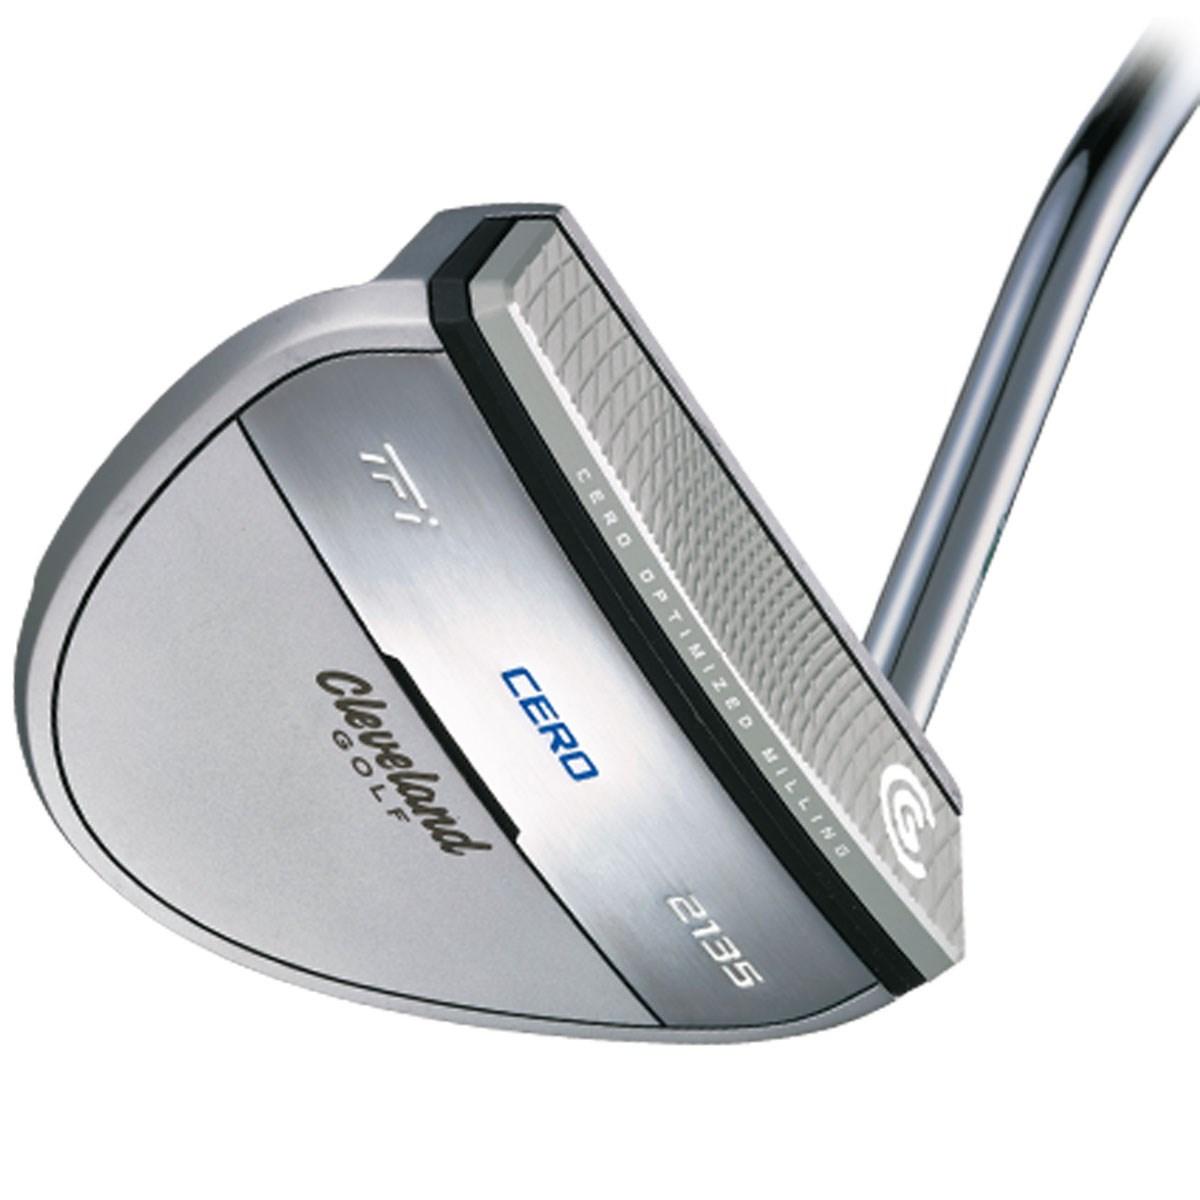 クリーブランド(Cleveland Golf) TFi 2135 SATIN CERO パター